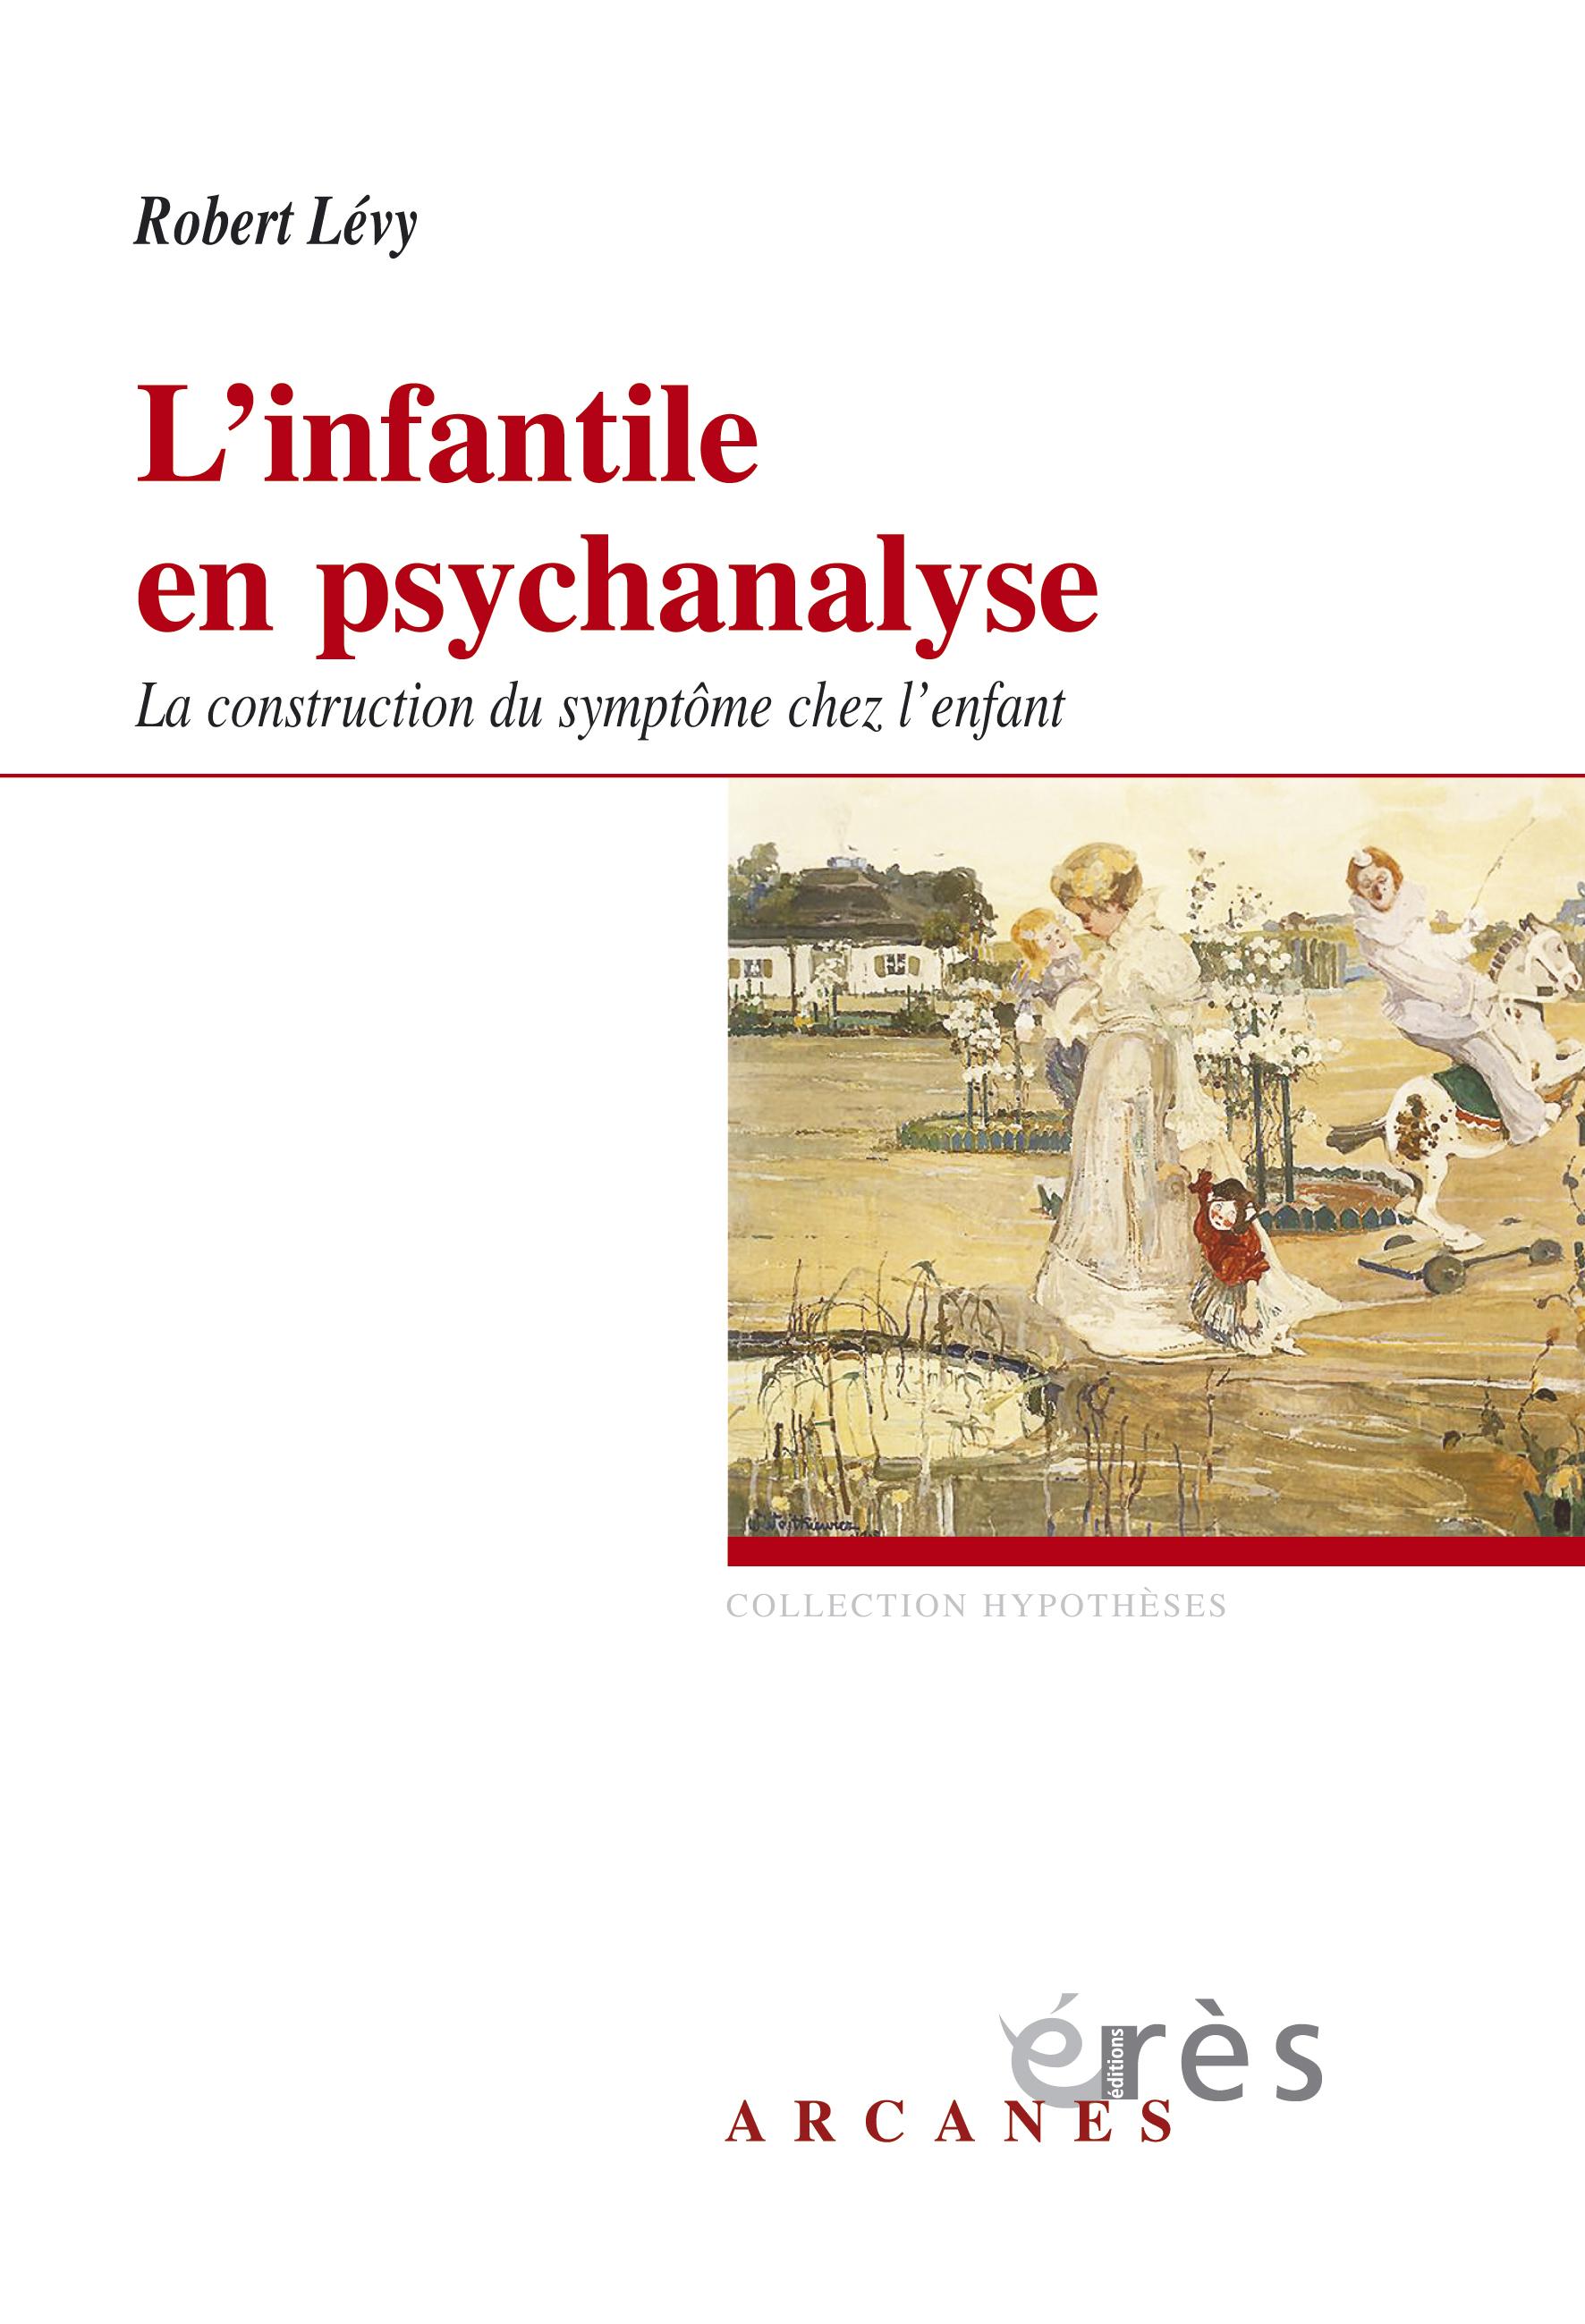 L'infantile en psychanalyse. La construction du symptôme chez l'enfant - Robert Lévy